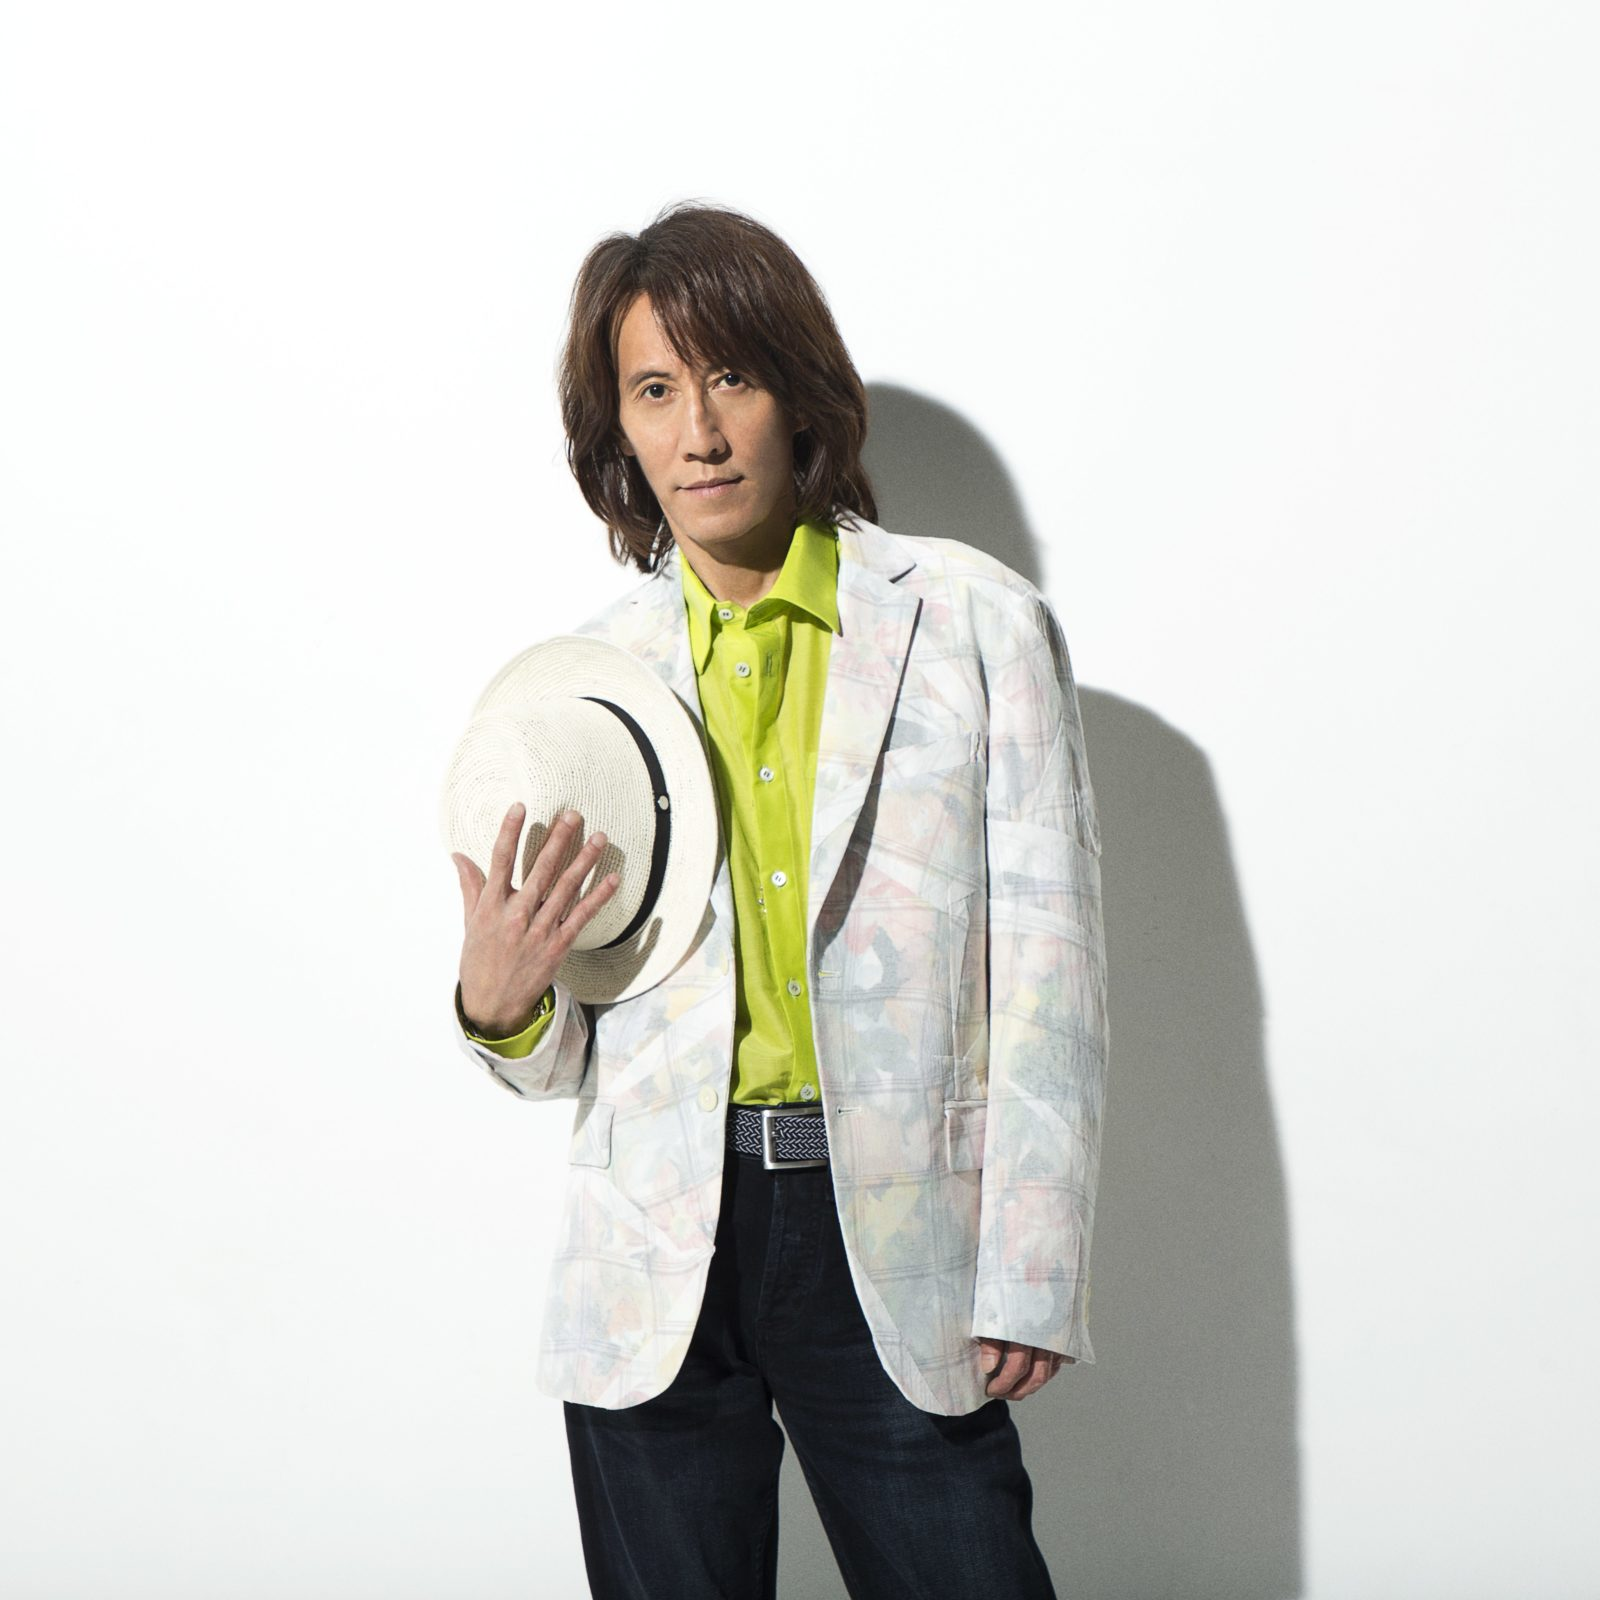 角松敏生、60歳の誕生日に開催されるSPECIAL GIGをWOWOWで独占放送サムネイル画像